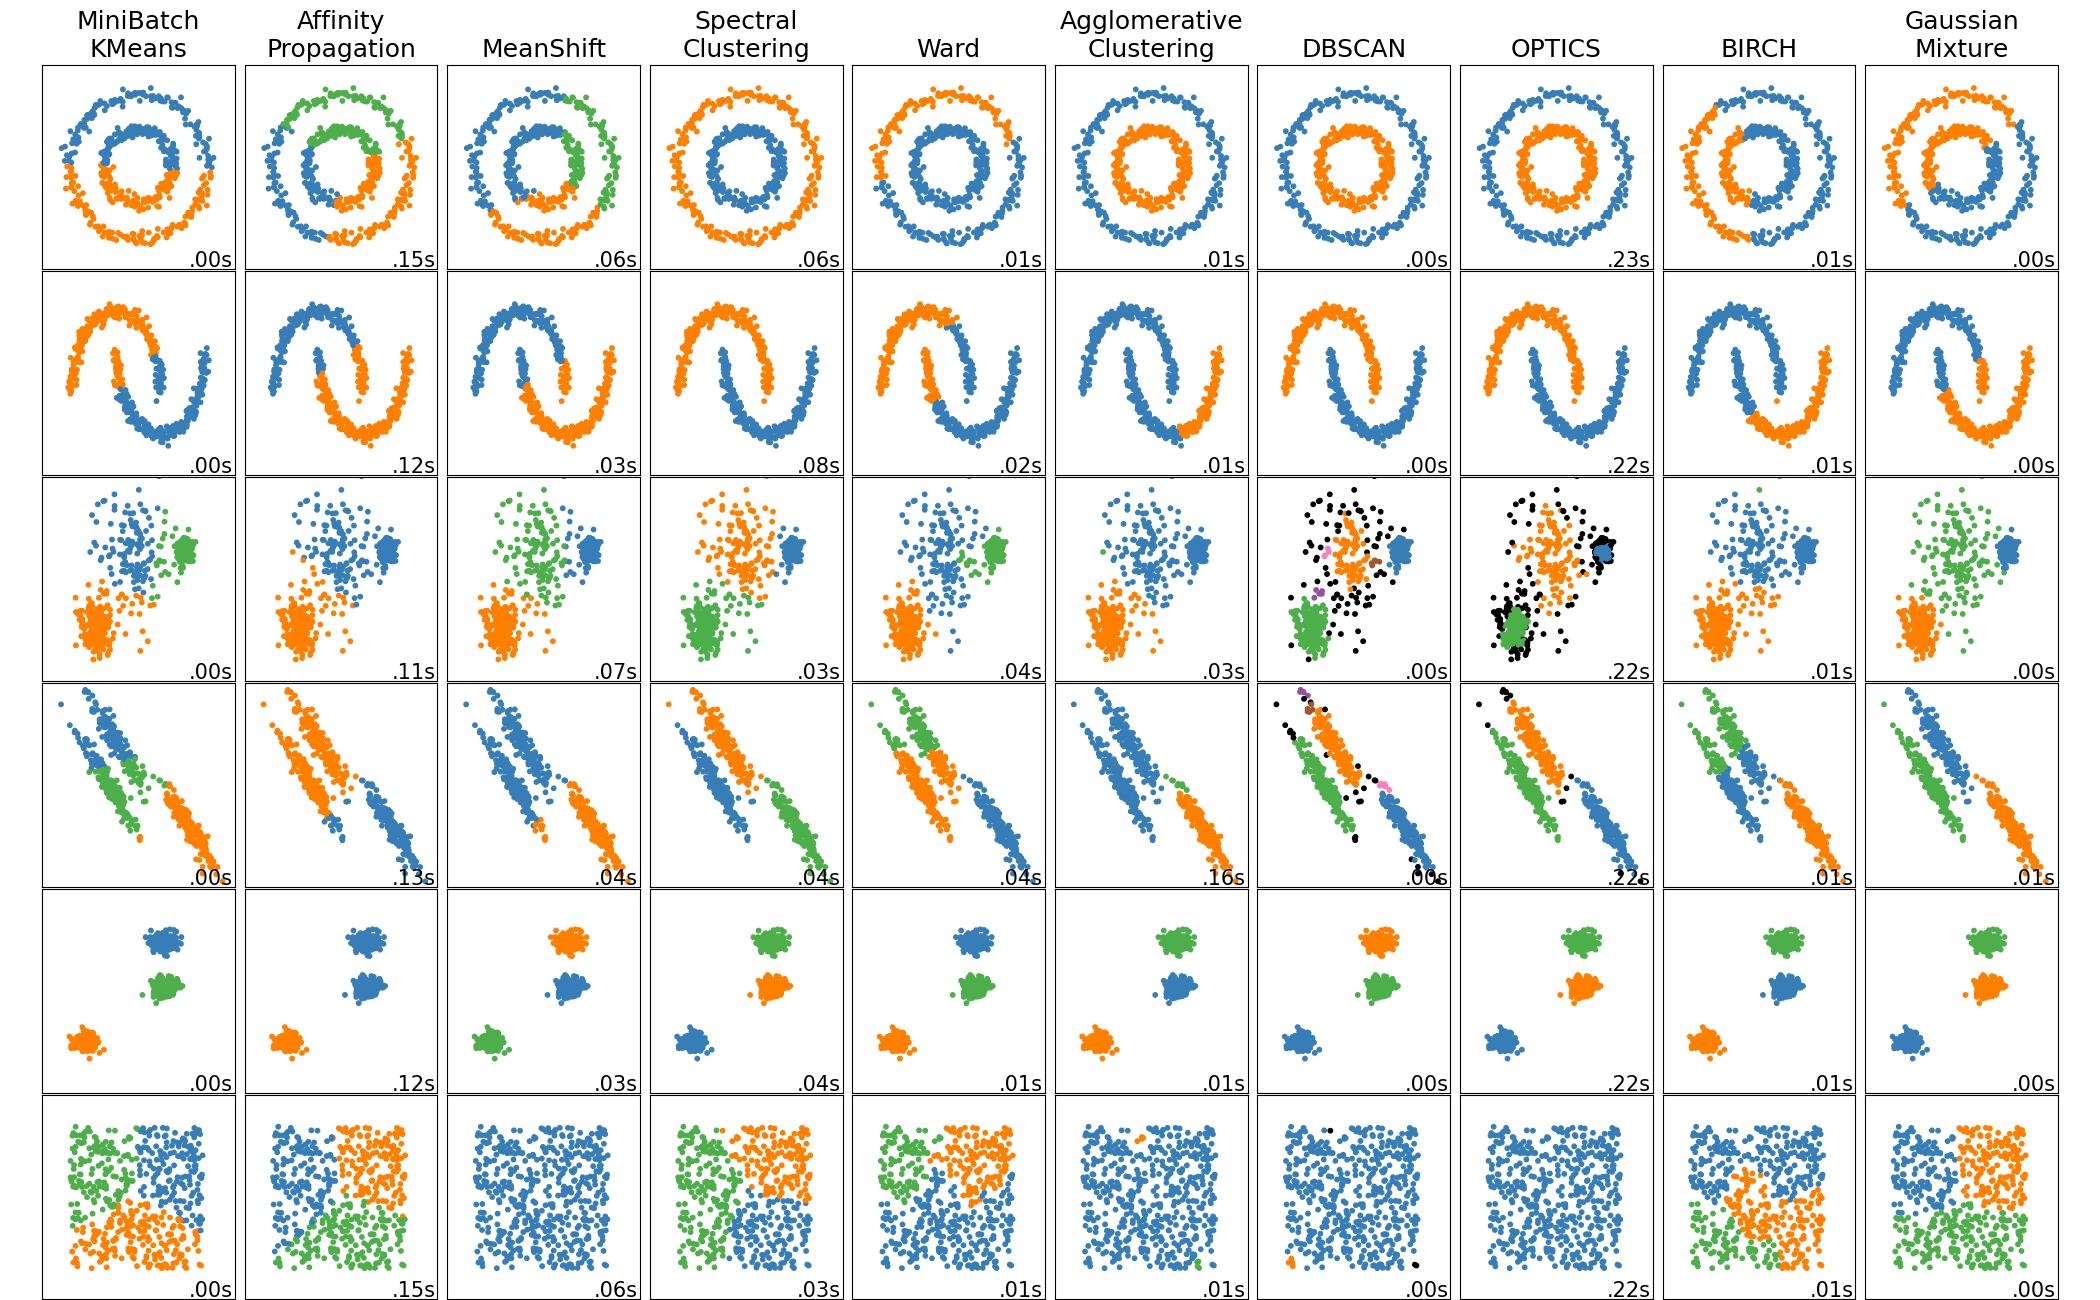 sphx_glr_plot_cluster_comparison_001.png